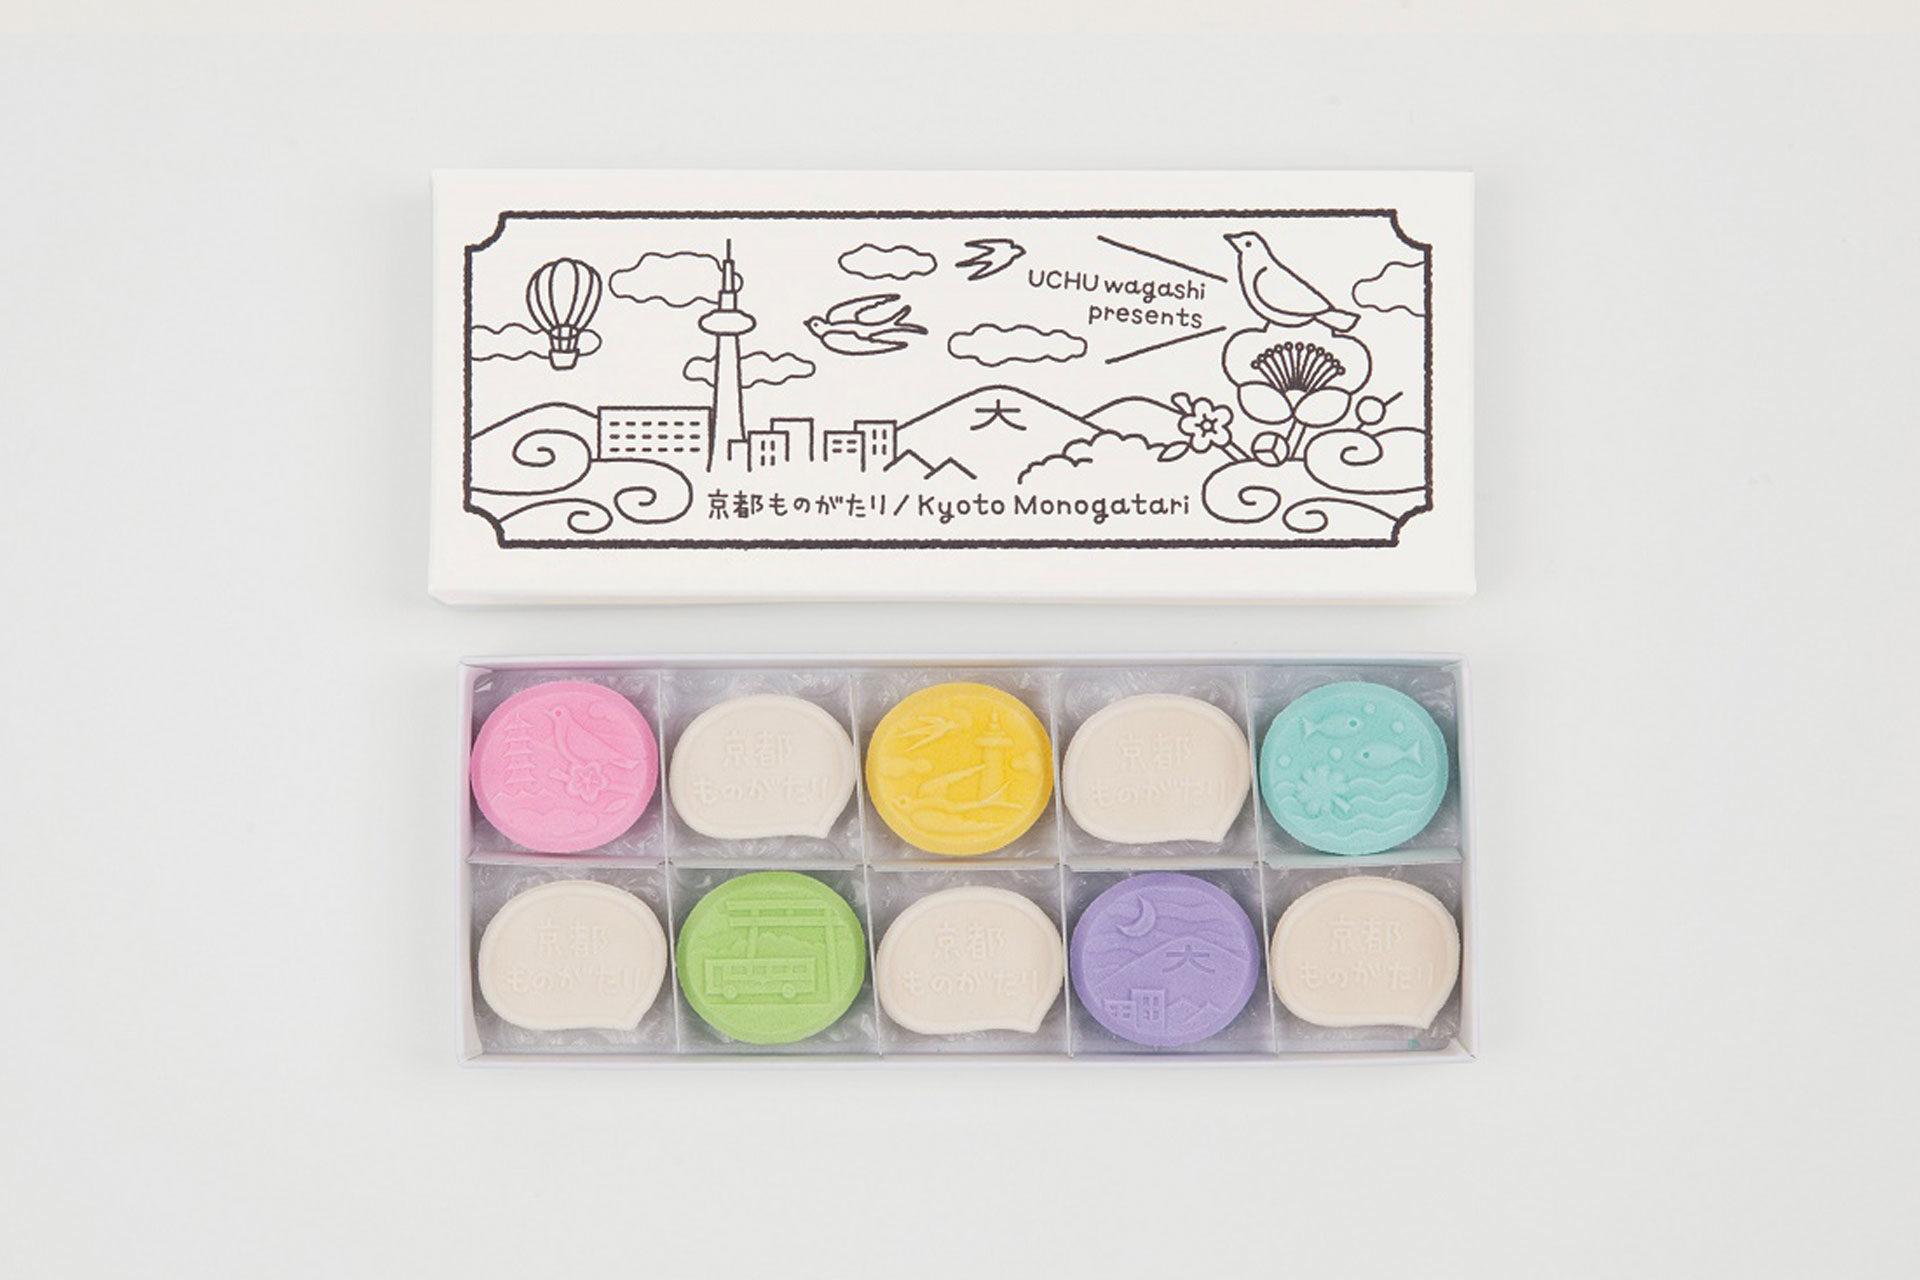 干菓子専門店「UCHU wagashi」